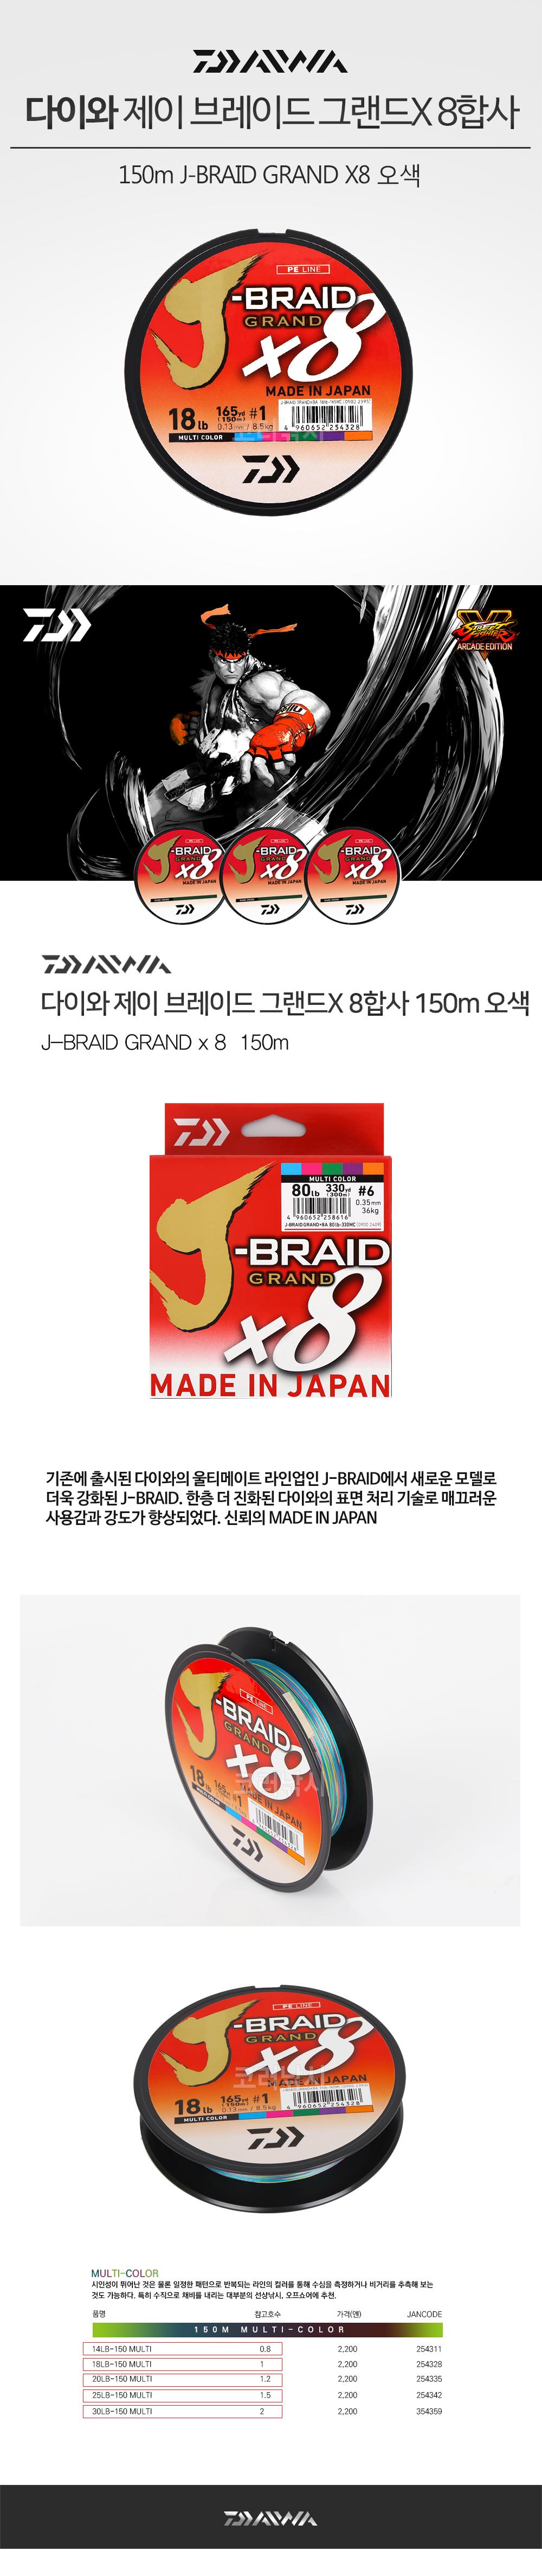 다이와 제이 브레이드 그랜드X 8합사 150m J-BRAID GRAND X8 오색 합사 루어합사 선상합사 문어 배스 쏘가리 꺽지 쭈꾸미 루어용합사 다이와합사